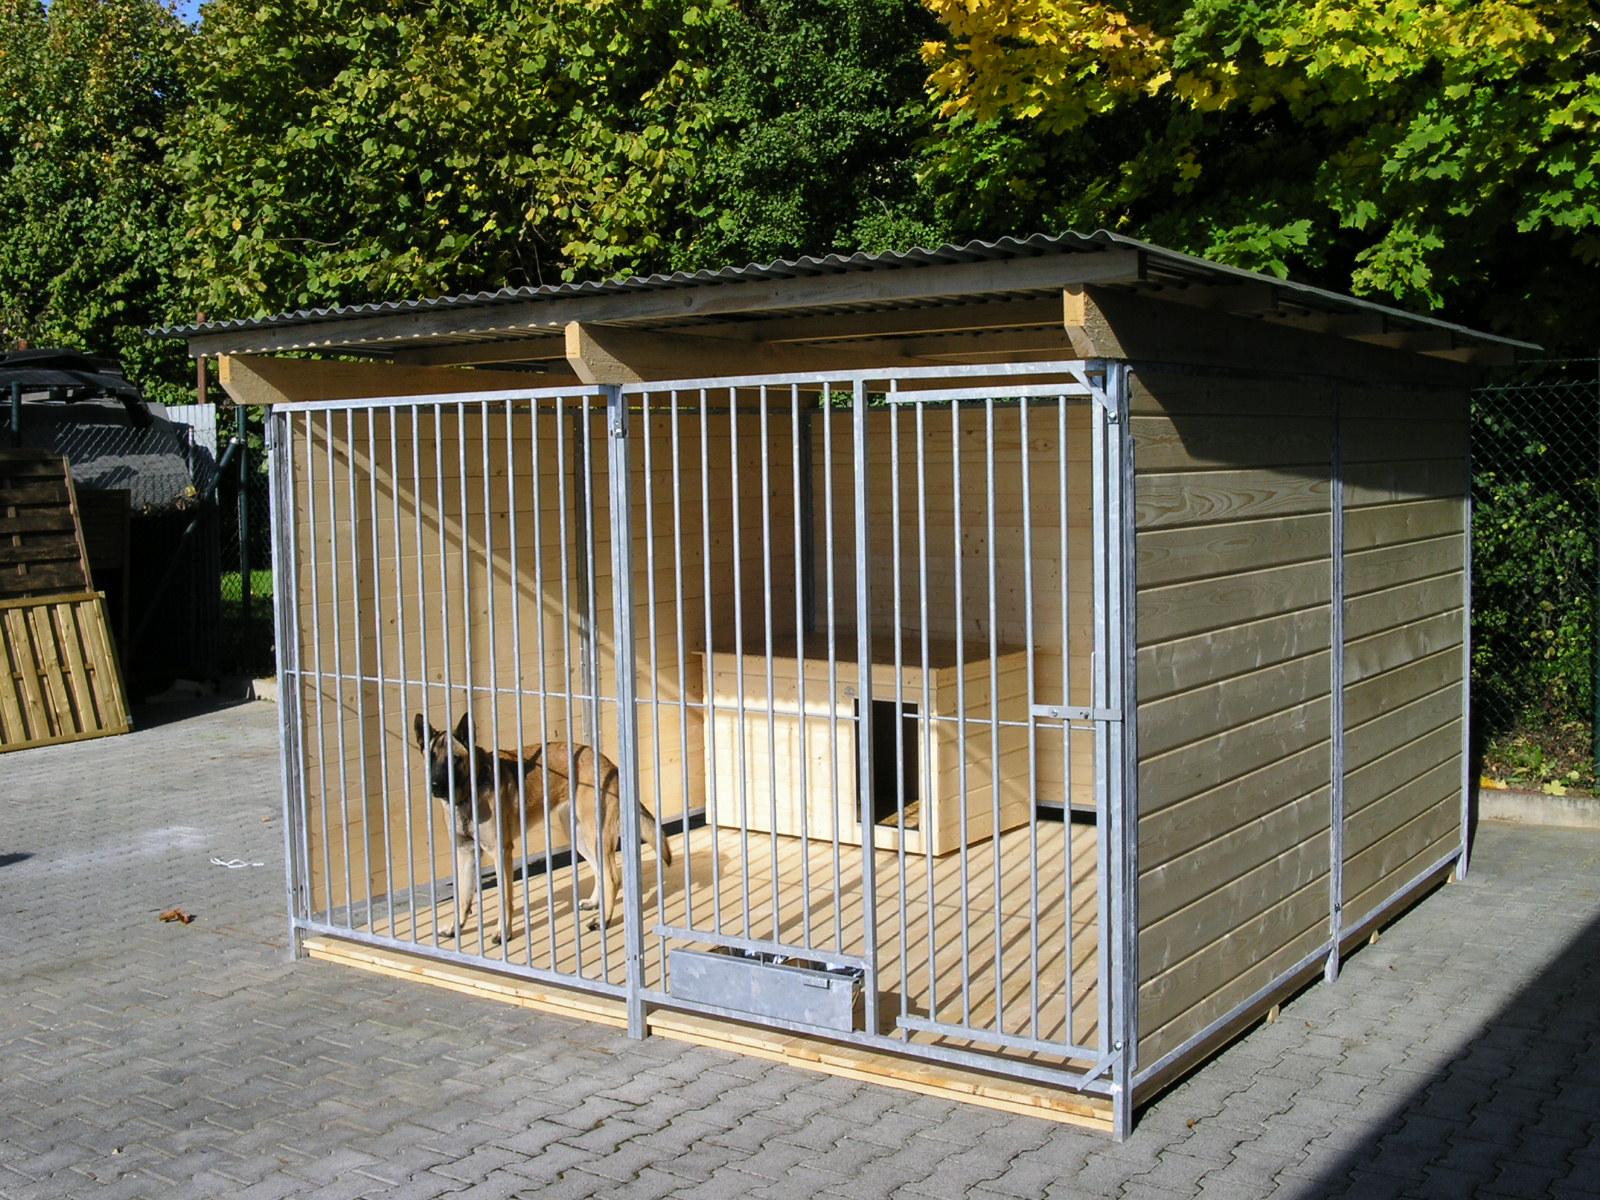 Sonderserie Zwinger 3x3 m 3-seitig geschlossen, naturbelassen, Rohrstab, mit Zusatzausstattung gegen Aufpreis: Holzboden, Hundehütte und ausschwenkbares Futterset